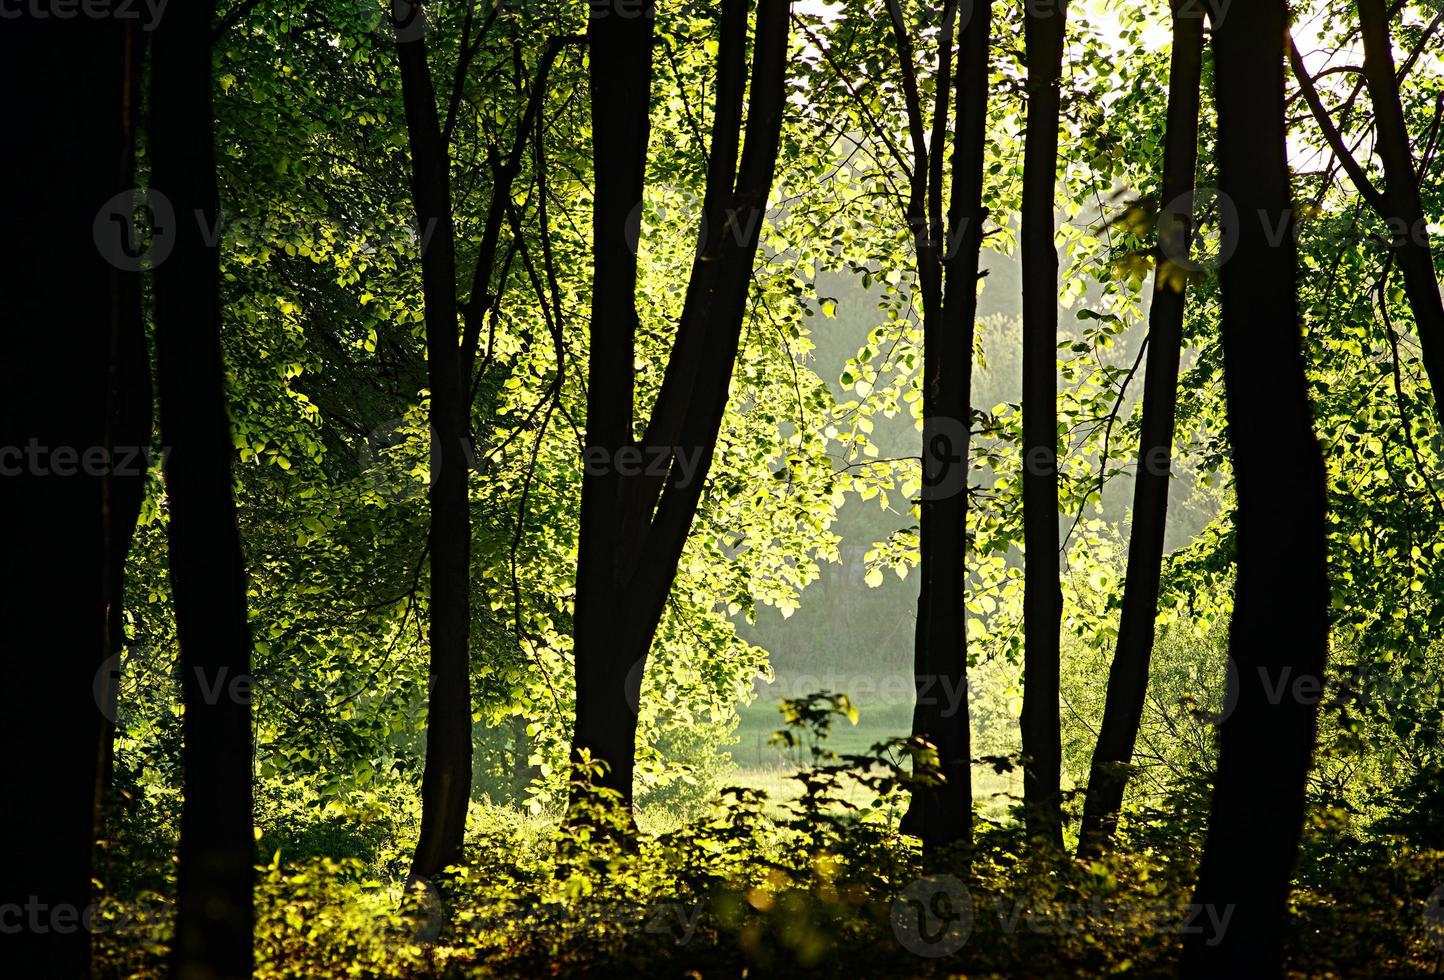 luce del sole che filtra attraverso gli alberi nel bosco foto